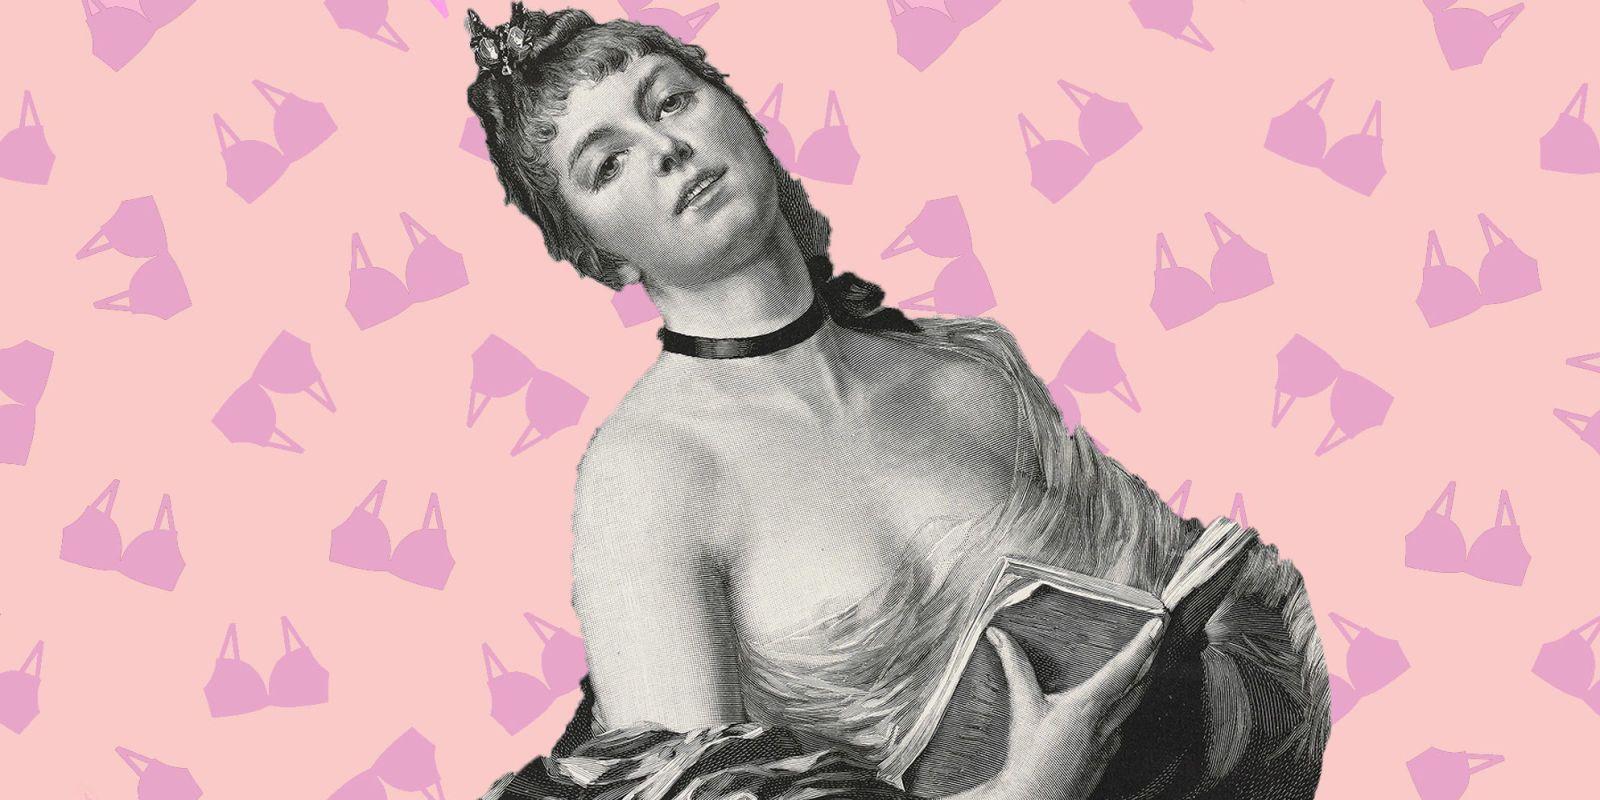 piccole donne che prendono grossi lesbica porno mp4 scaricare